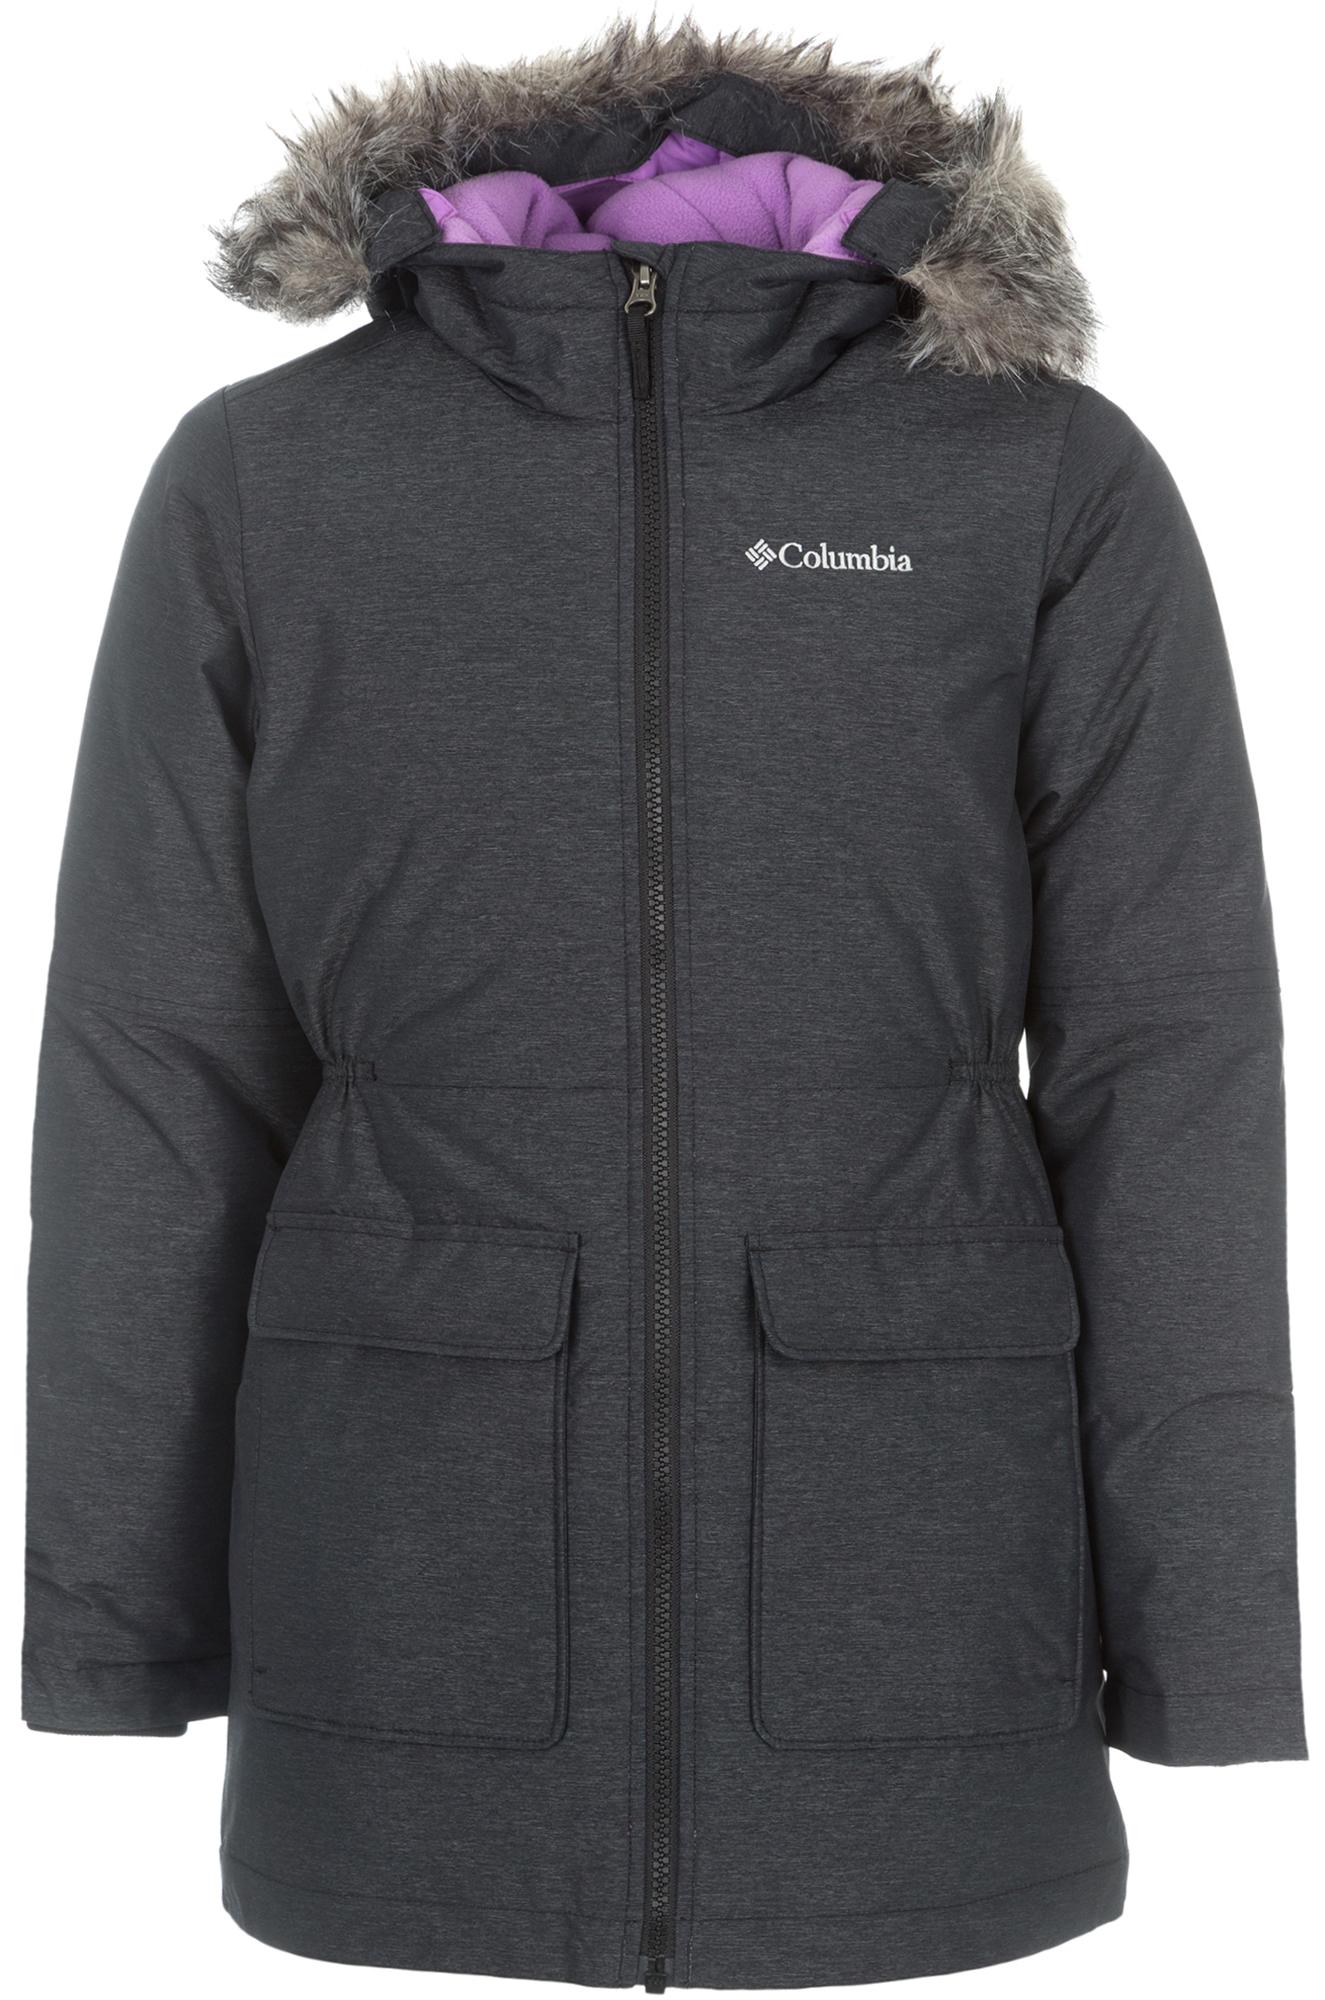 Columbia Куртка утепленная для девочек Columbia Siberian Sky columbia куртка утепленная для девочек columbia horizon ride